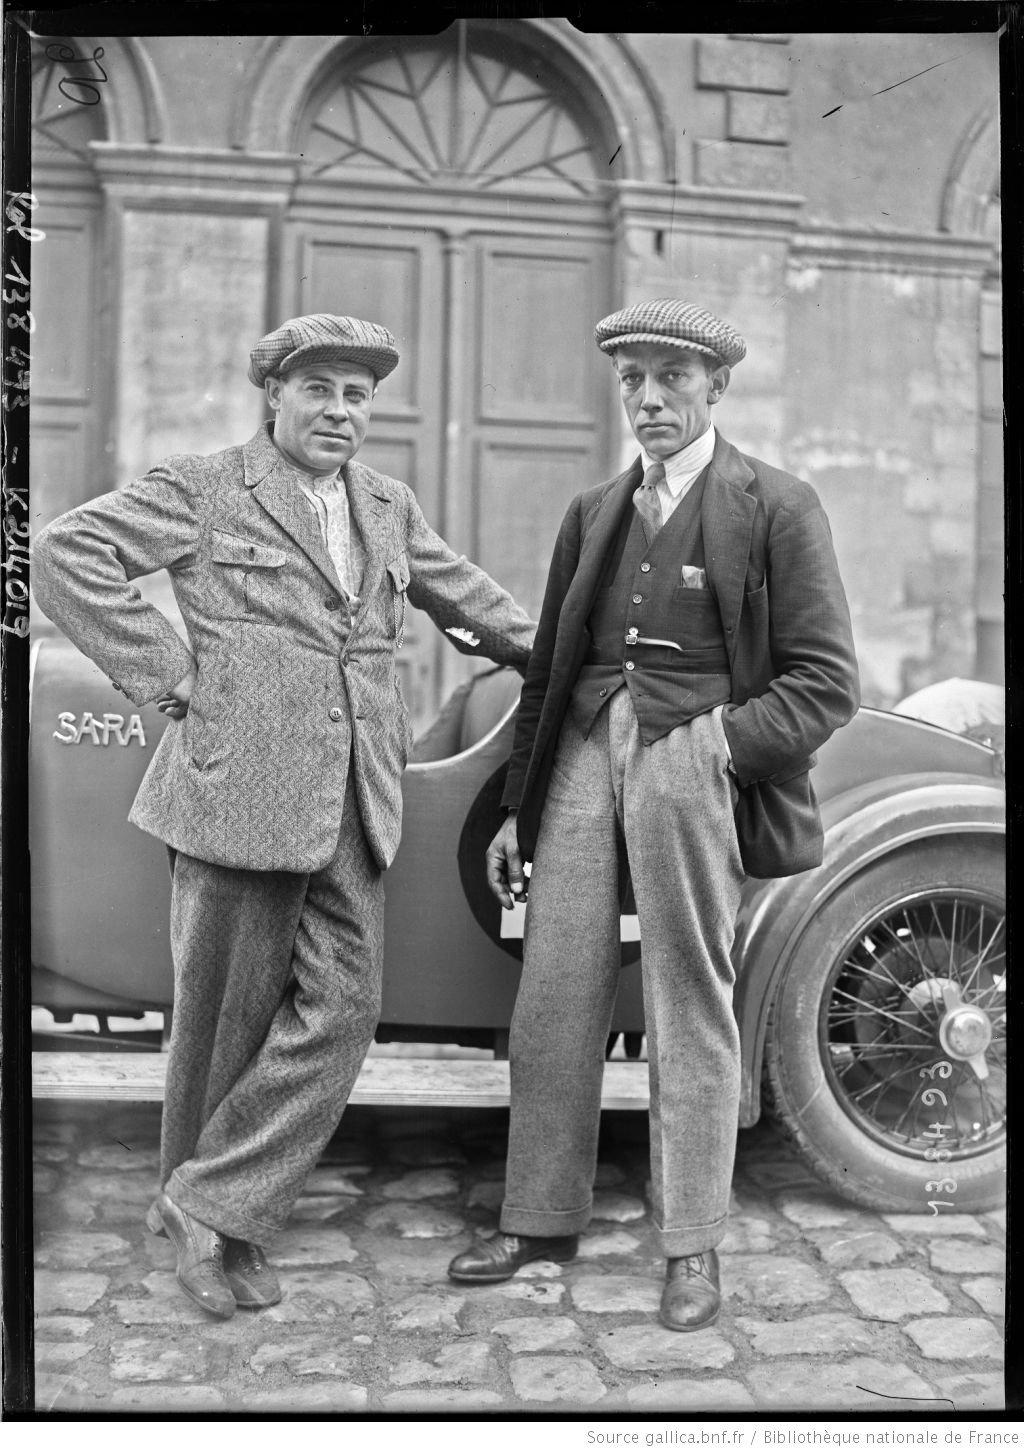 De gauche à droite,Gaston] Mottet, Douglas Hawkes sur Sara [coureurs automobiles français et britannique, au pesage des 24 h du Mans, le 130629]  [photographie de presse]  [Agence Rol].